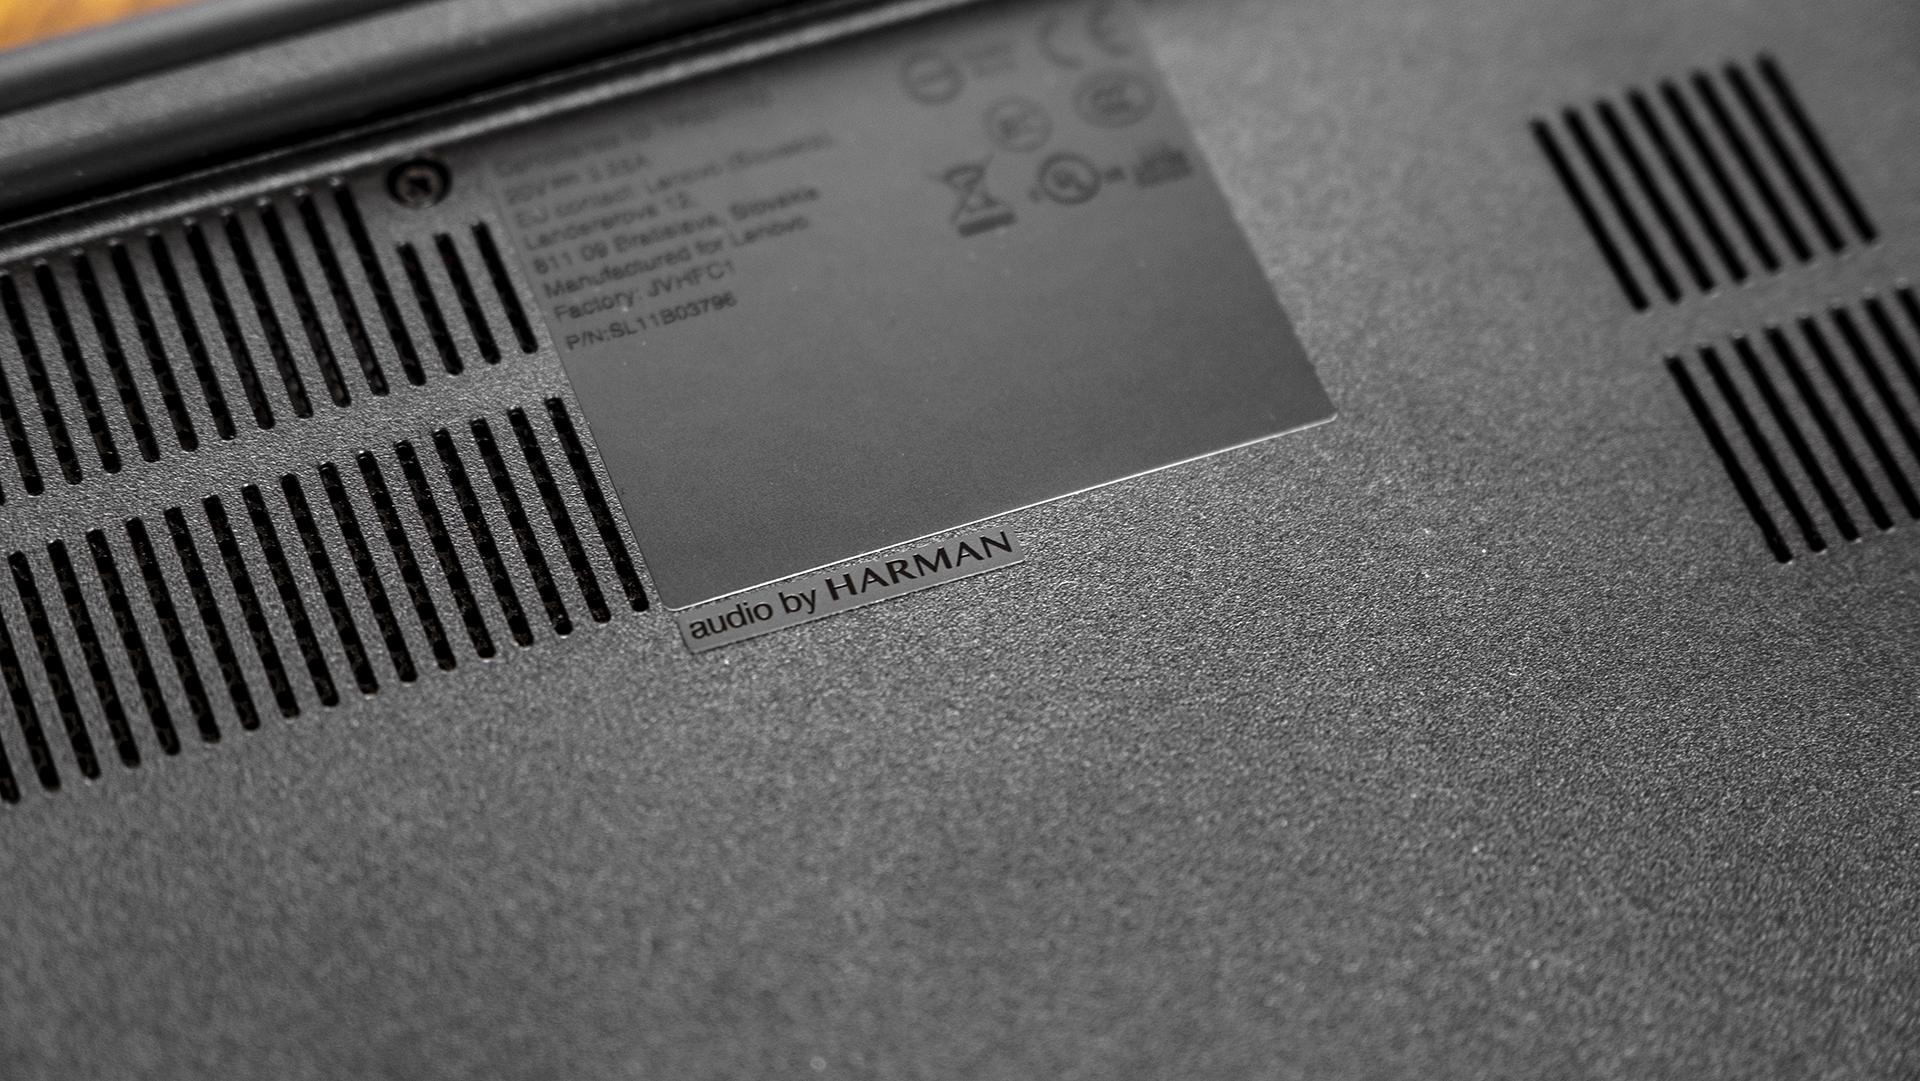 Lenovo ThinkPad E15 Harman Audio